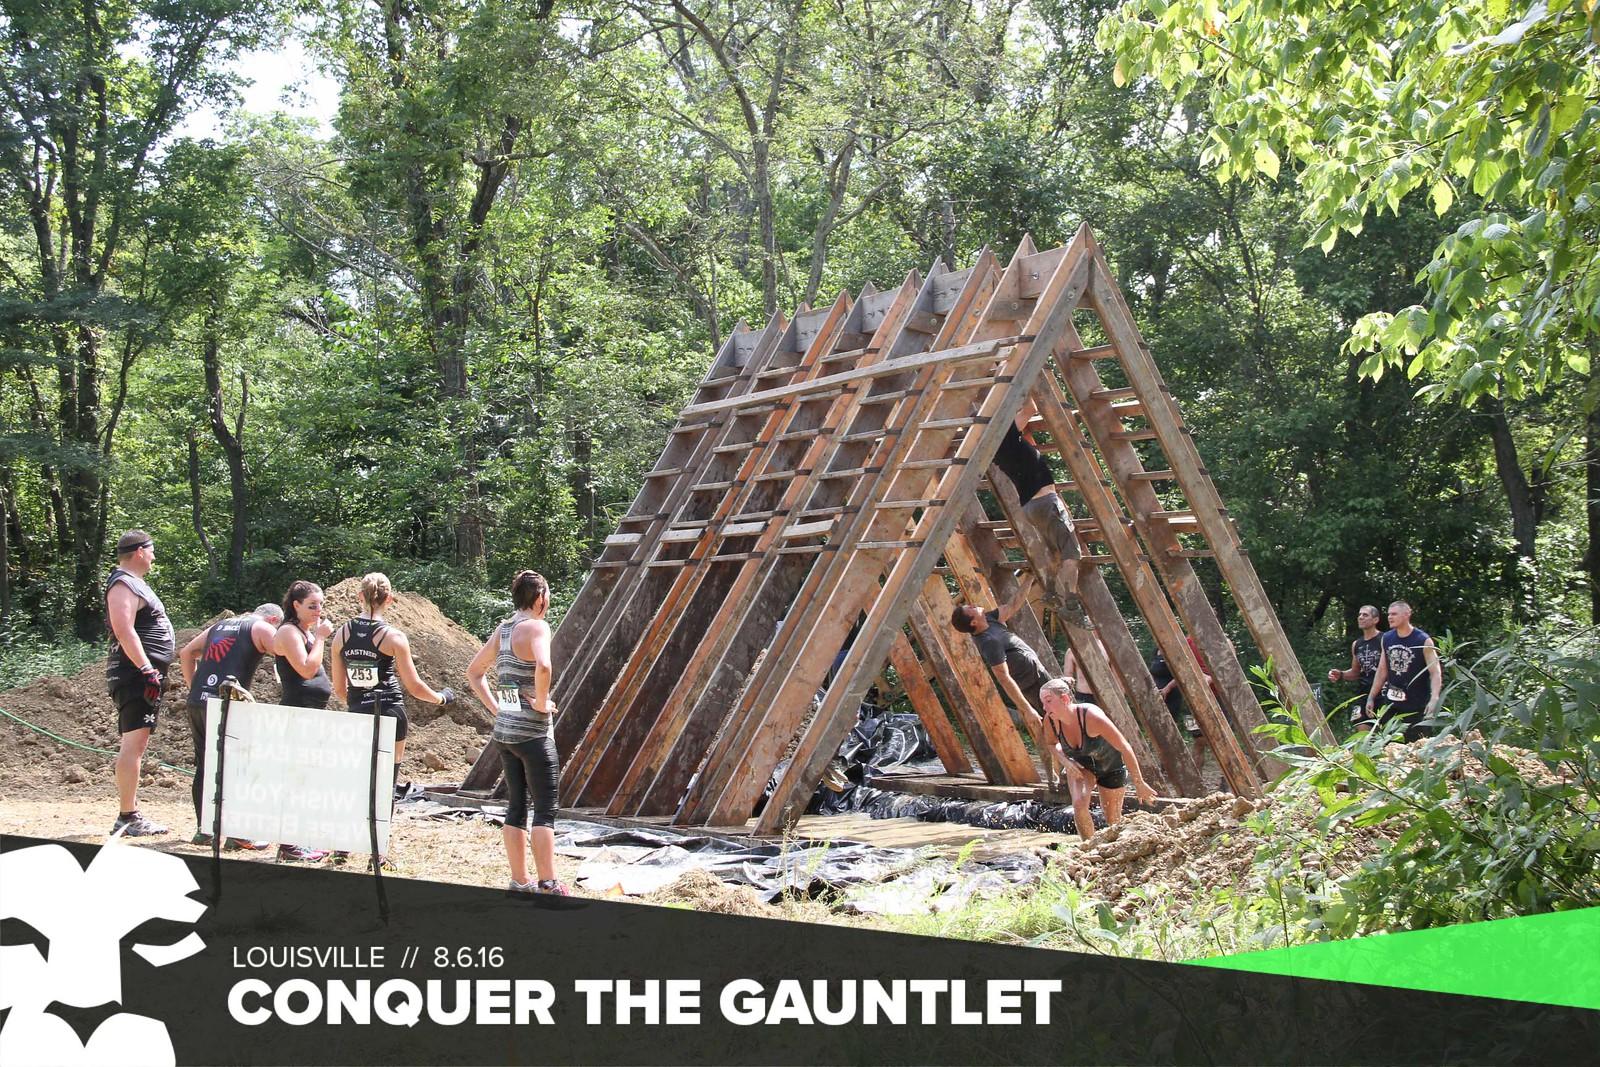 Conquer-The-Gauntlet-Louisville-2016-Stairway